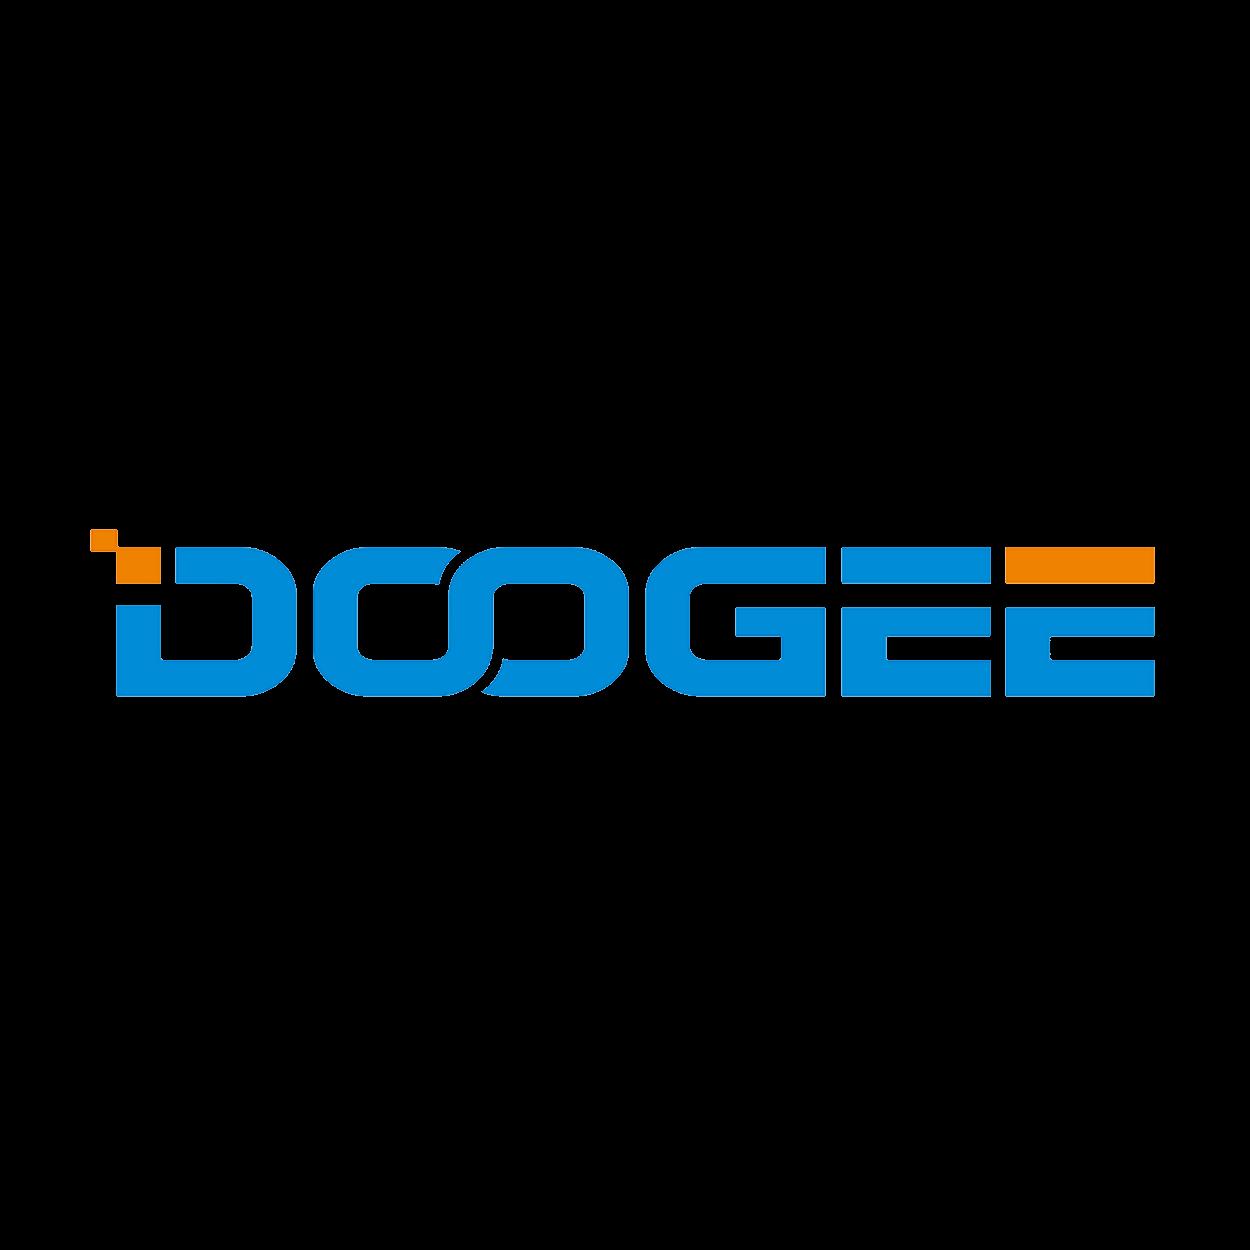 Doogee logo